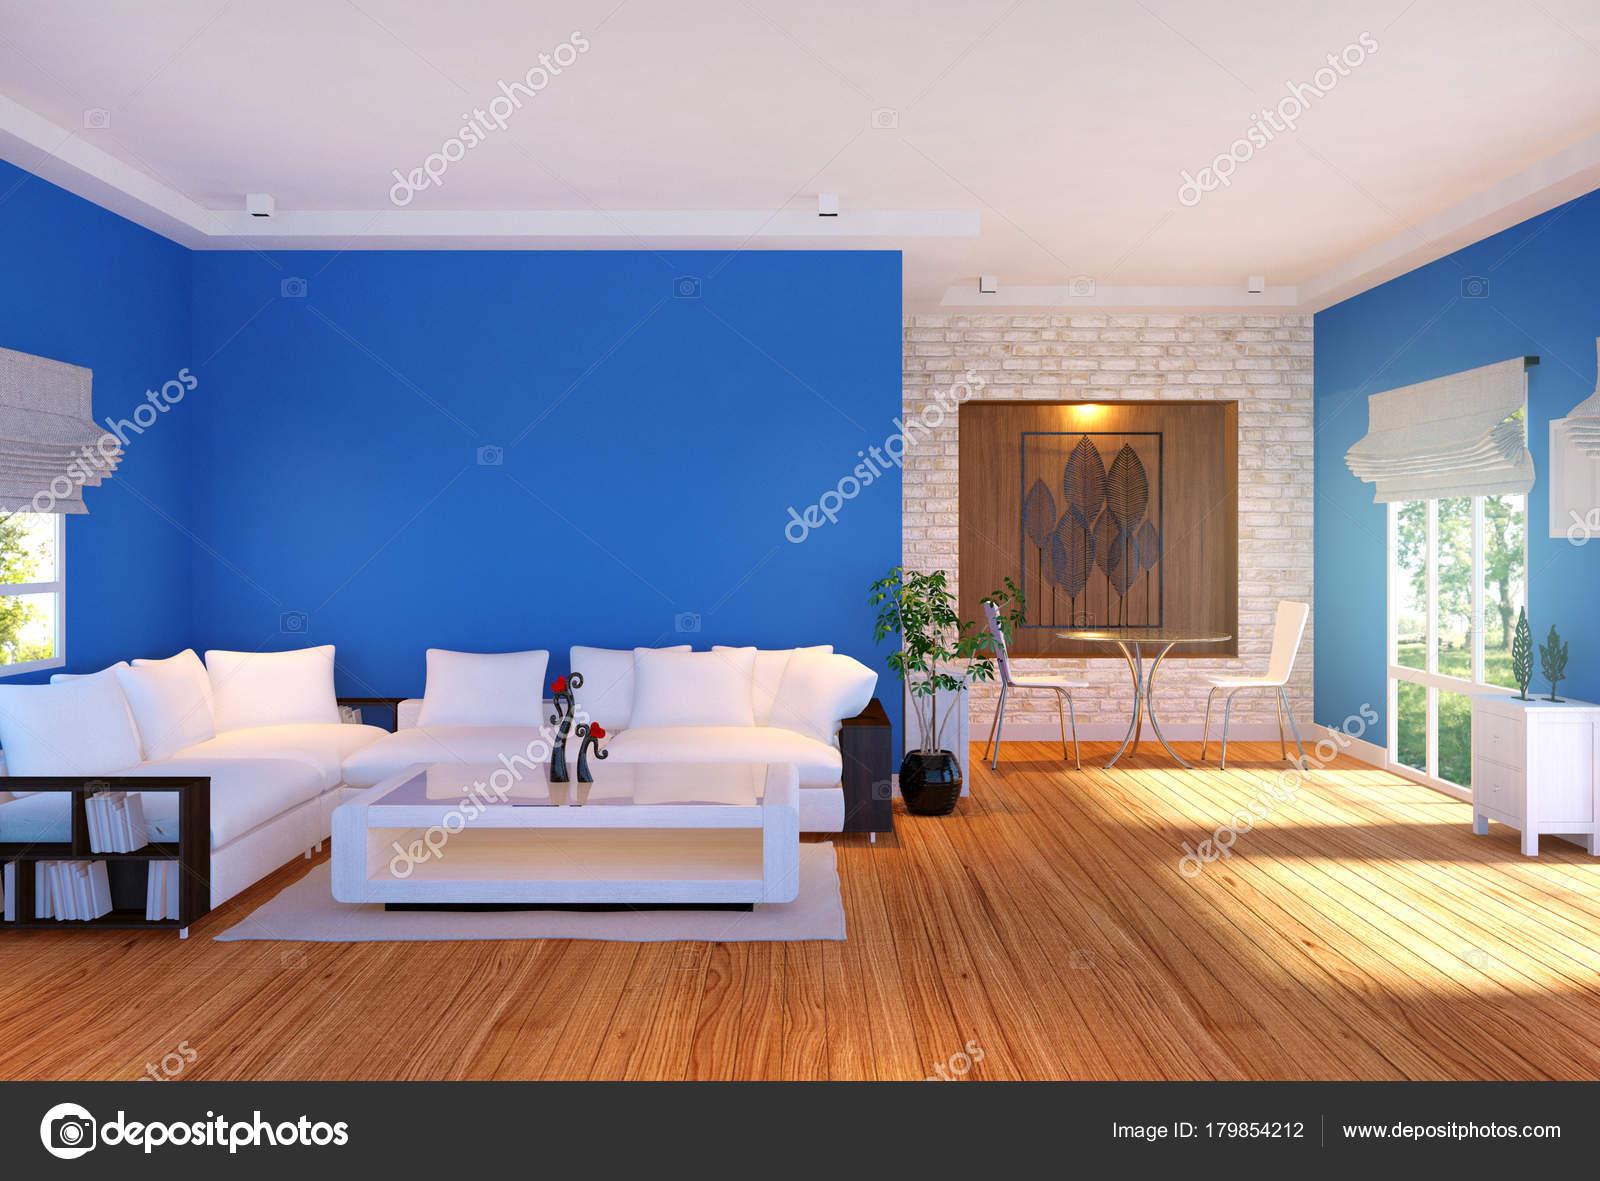 Moderne Wohnzimmer Einrichtung Mit Möbeln Und Blau Leere Wand Rendering U2014  Stockfoto